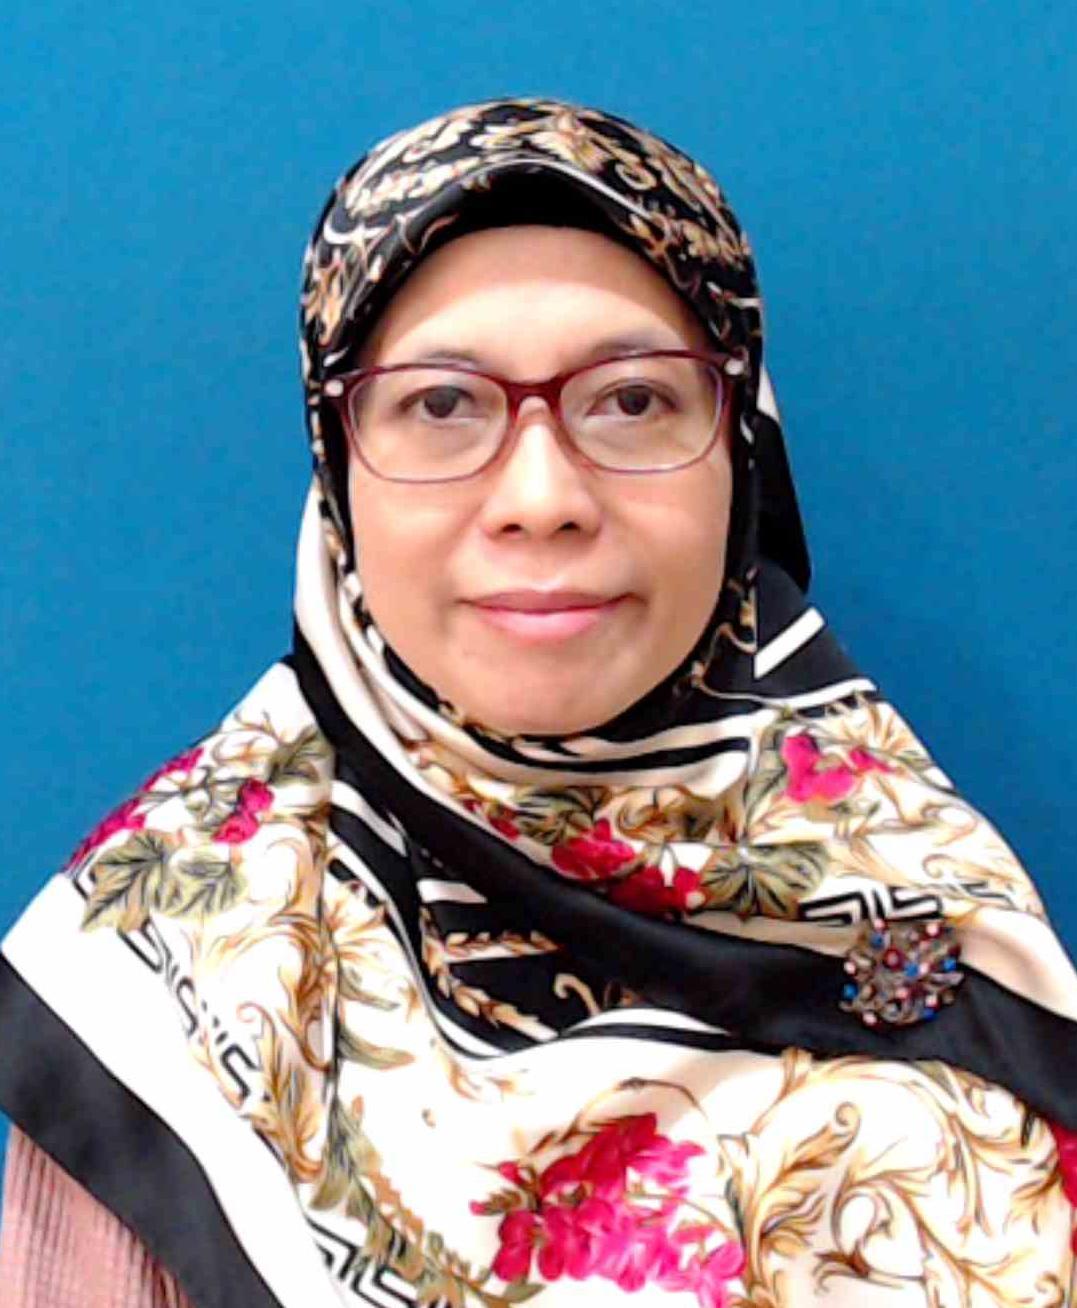 Nazira Binti Zubir